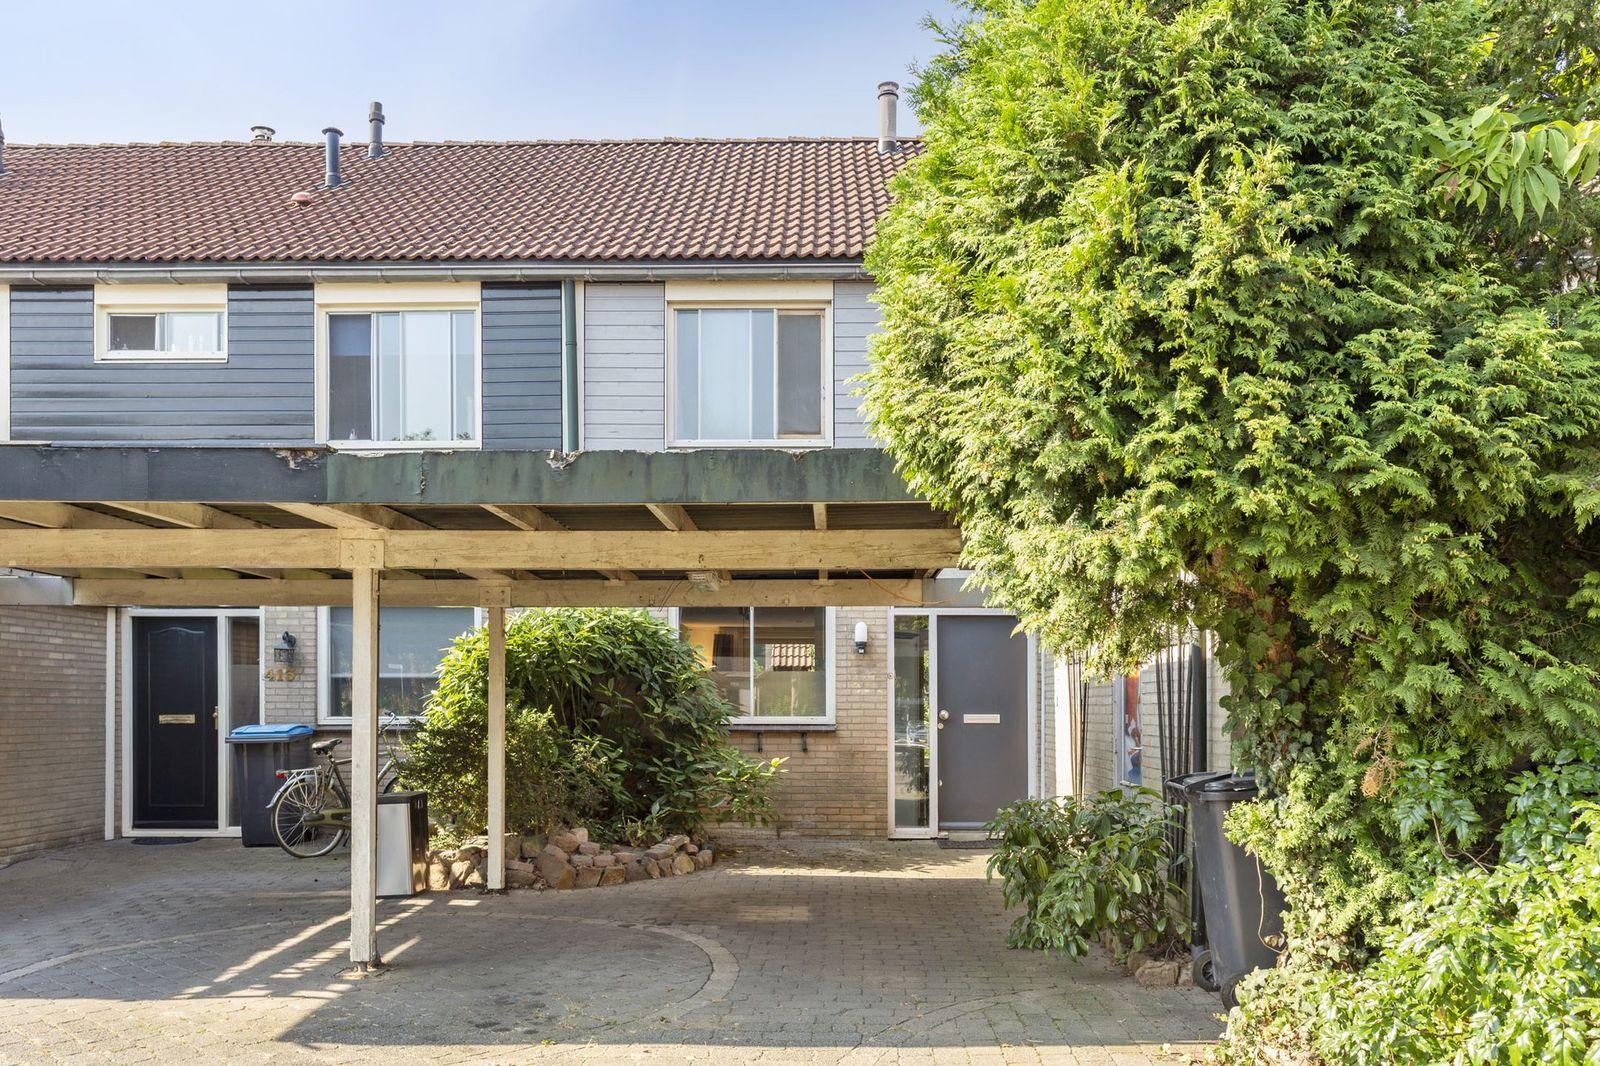 Stokebrand 415, Zutphen